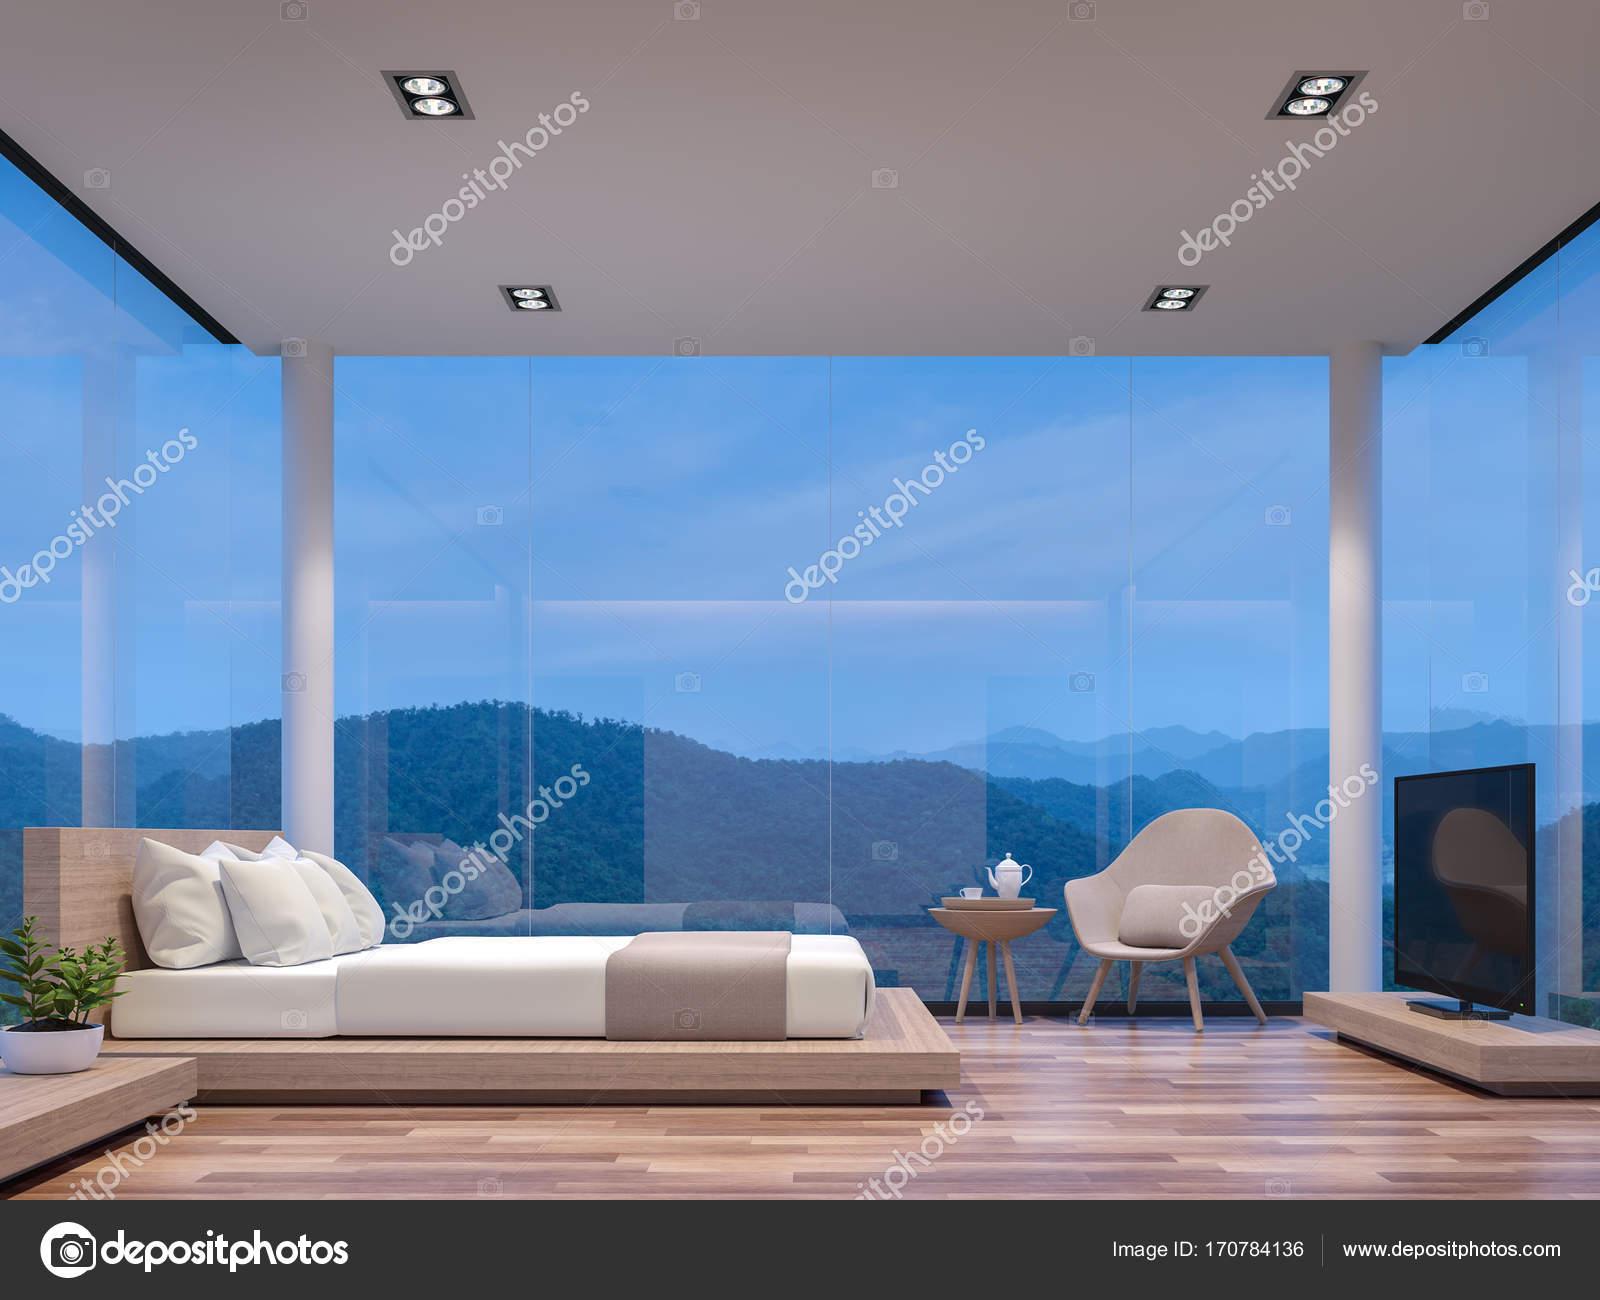 Glazen Vloer Huis : Nacht scène glazen huis slaapkamer met uitzicht op de bergen 3d